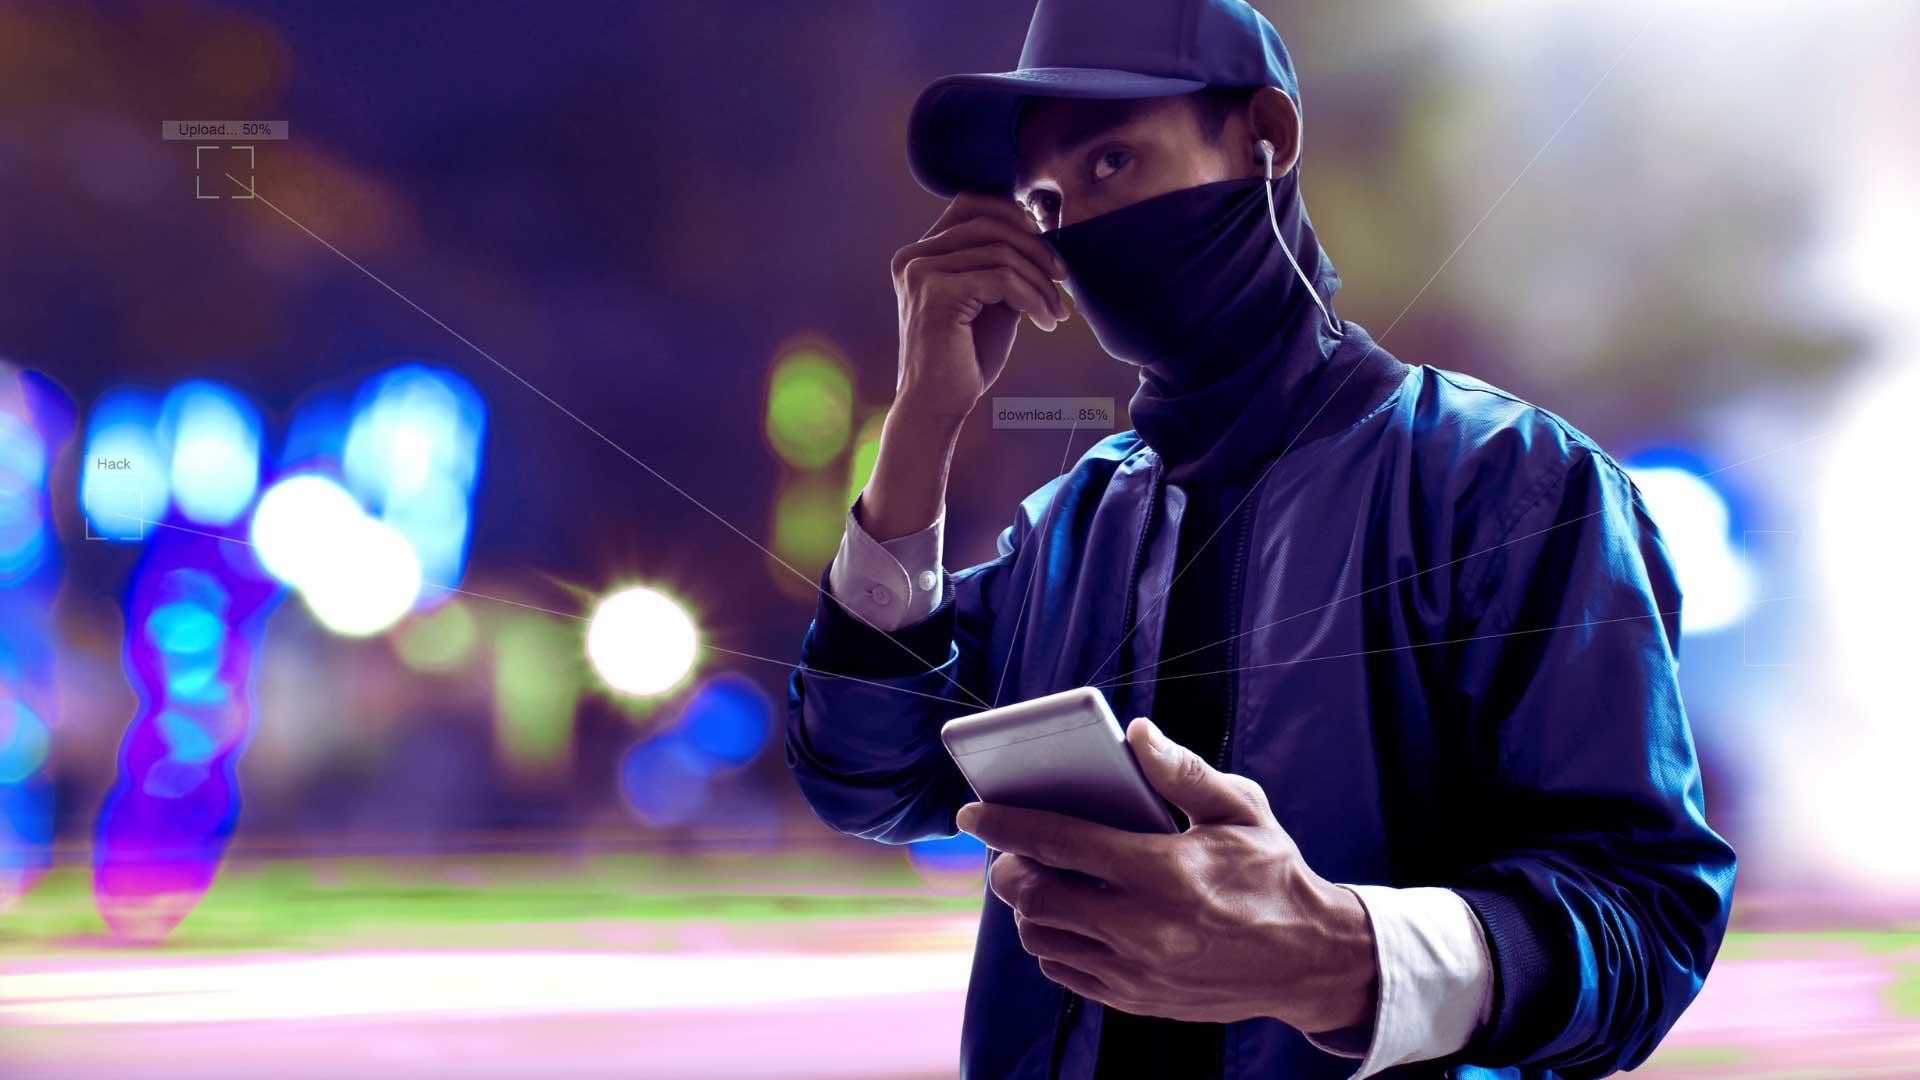 Hacking lauert überall: (Un)bekannte Gefahren für sensible Informationen